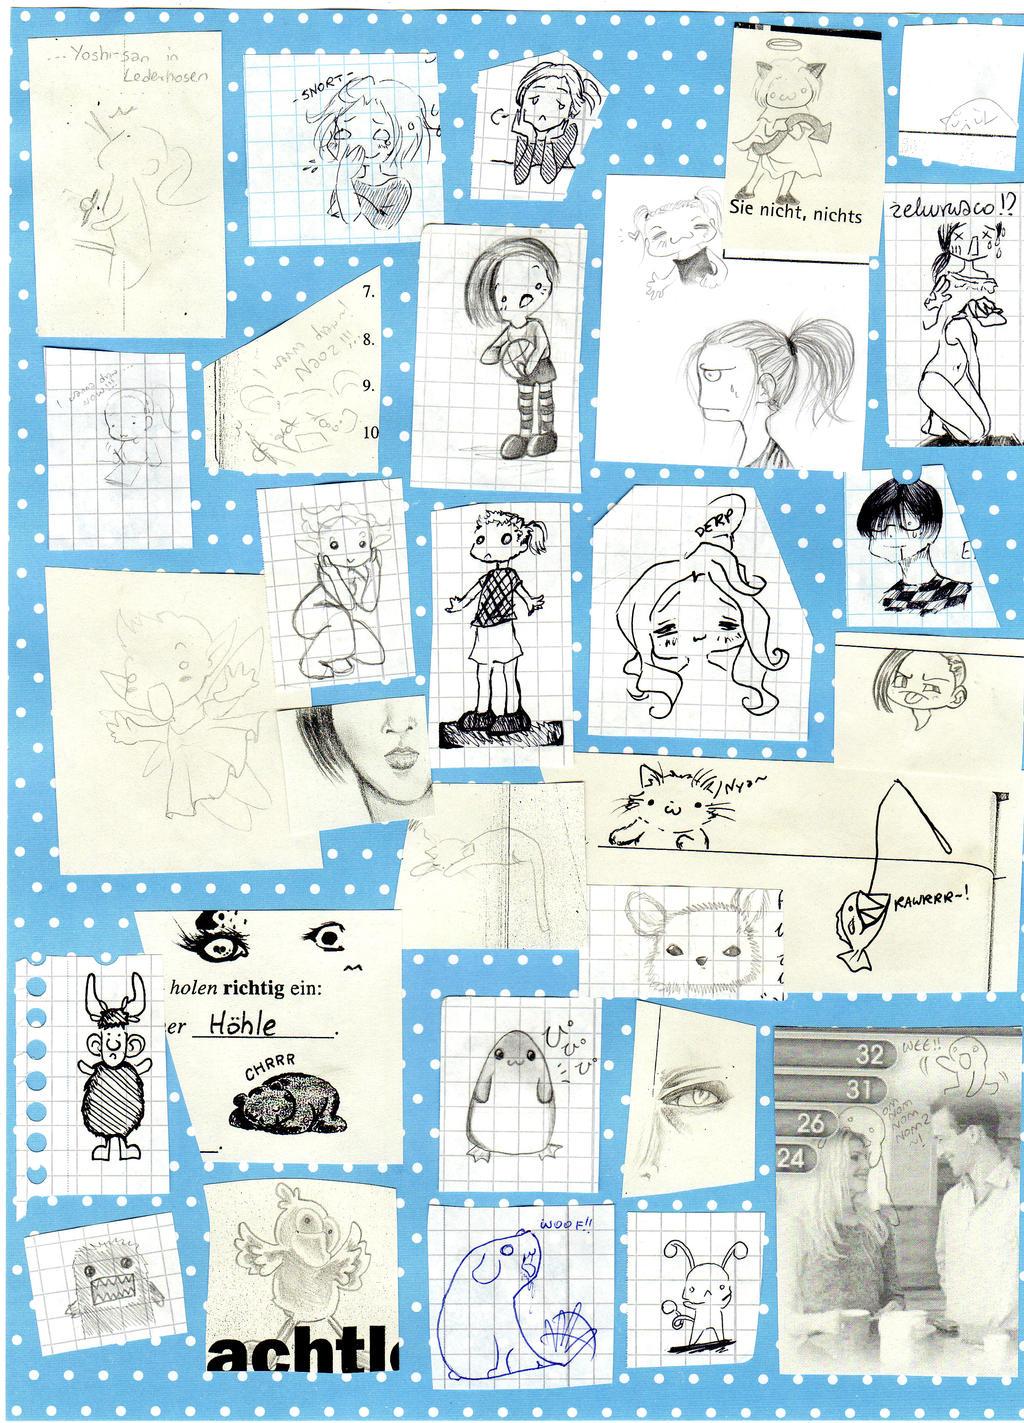 School doodles 2012 by NanakoHarrison